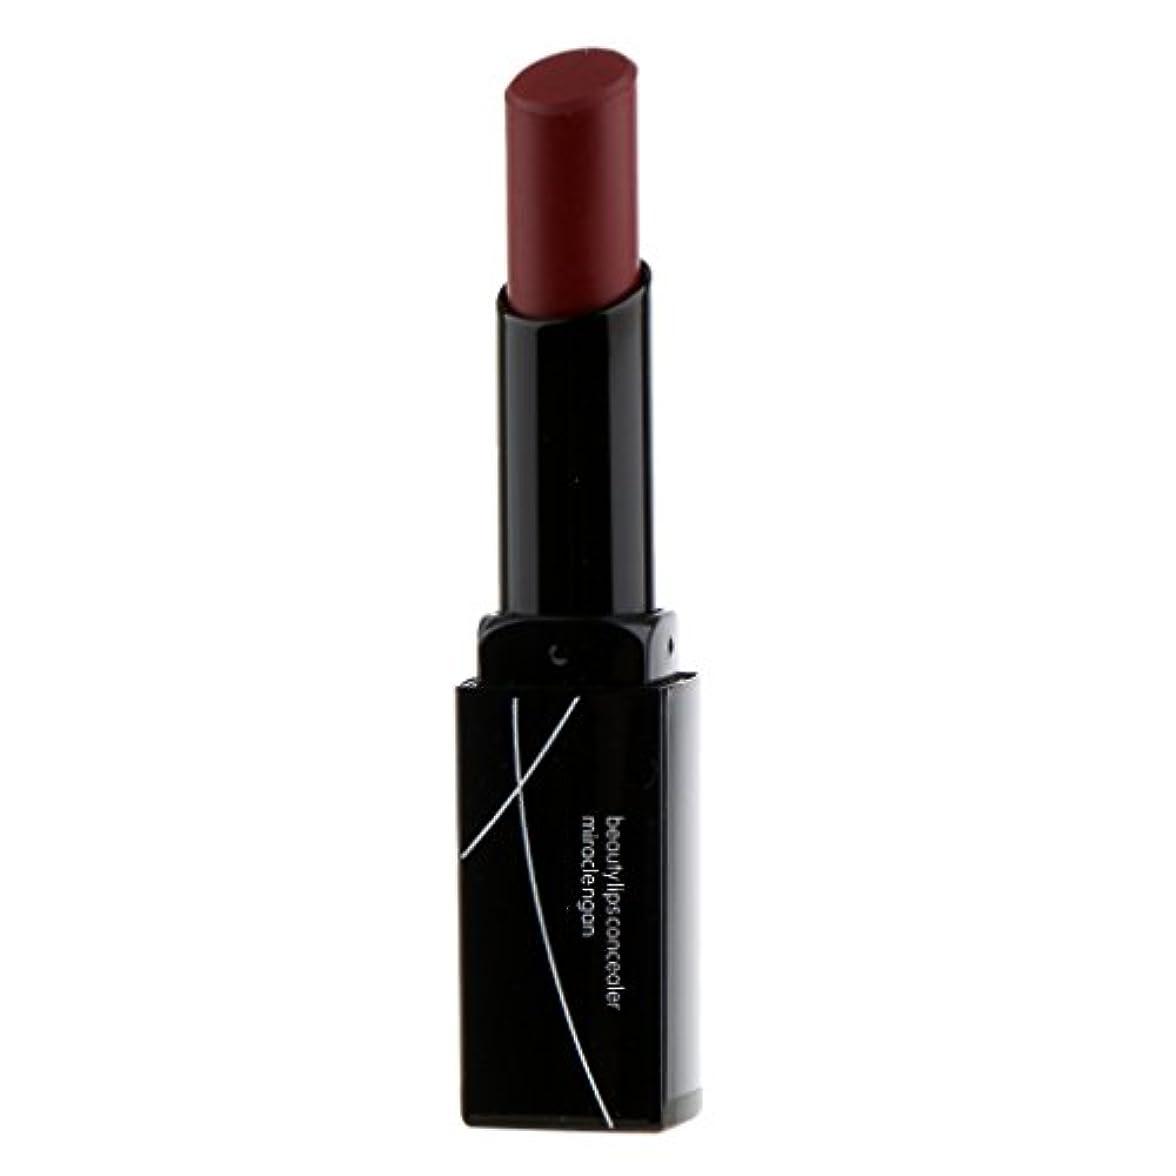 忠実に解釈的やけど女性マットベルベットヌード鉛筆口紅リップグロス防水永続的なメイク - 暗赤色